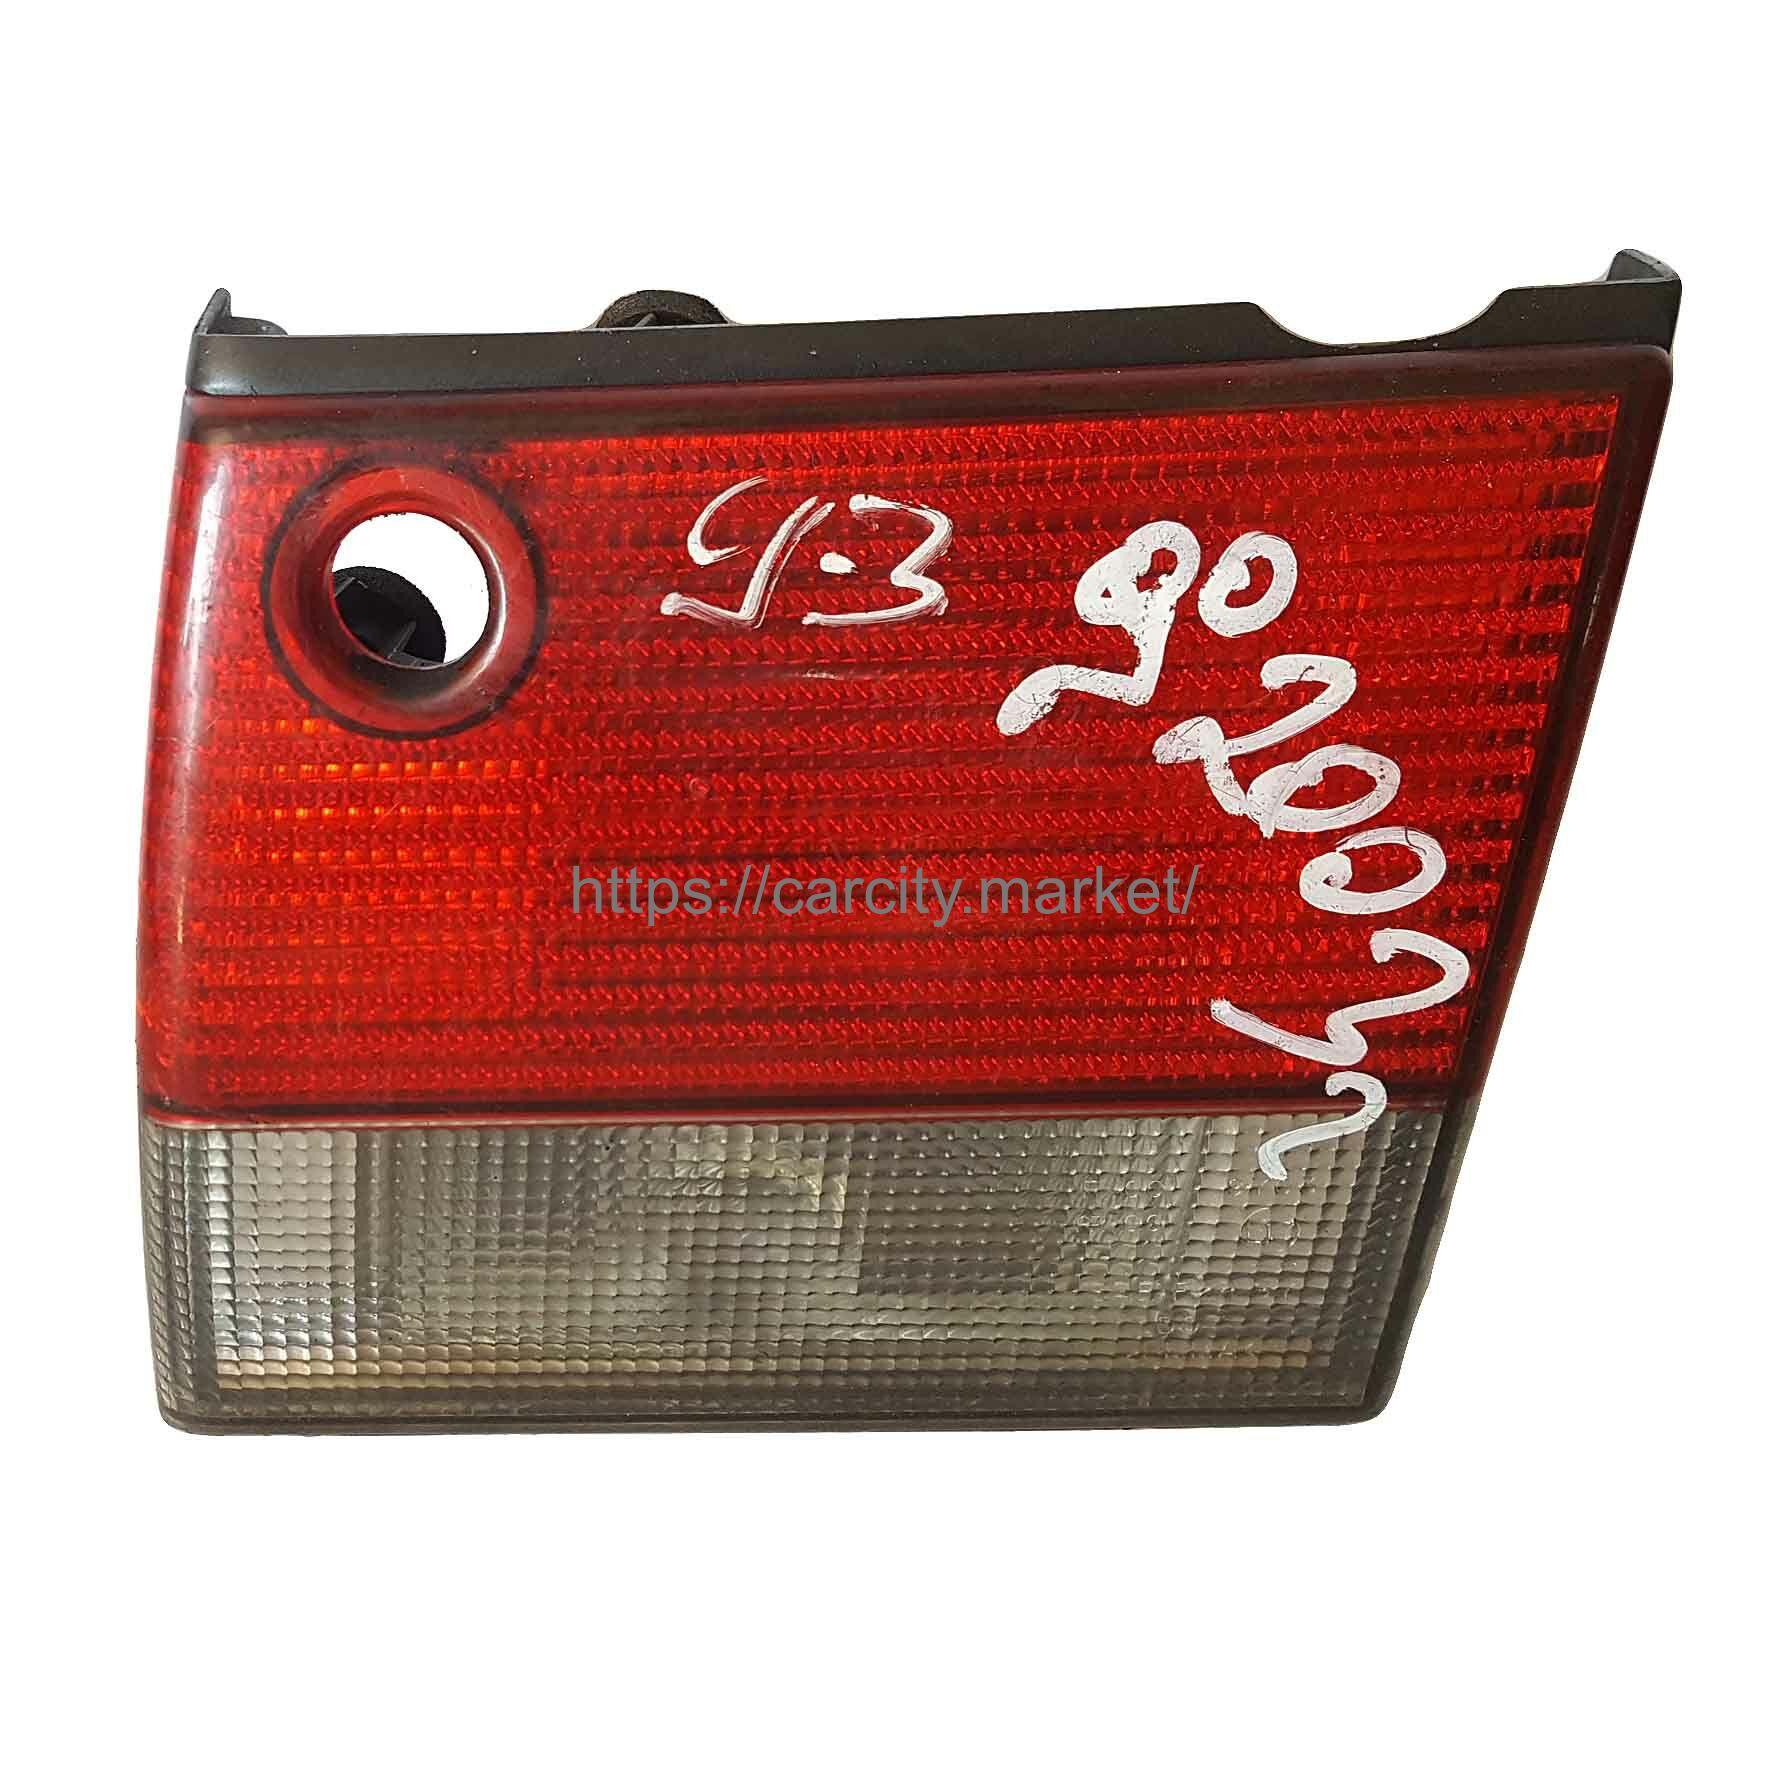 Фонарь задний правый SAAB 9-3 1998-2003г купить в Карсти Маркет